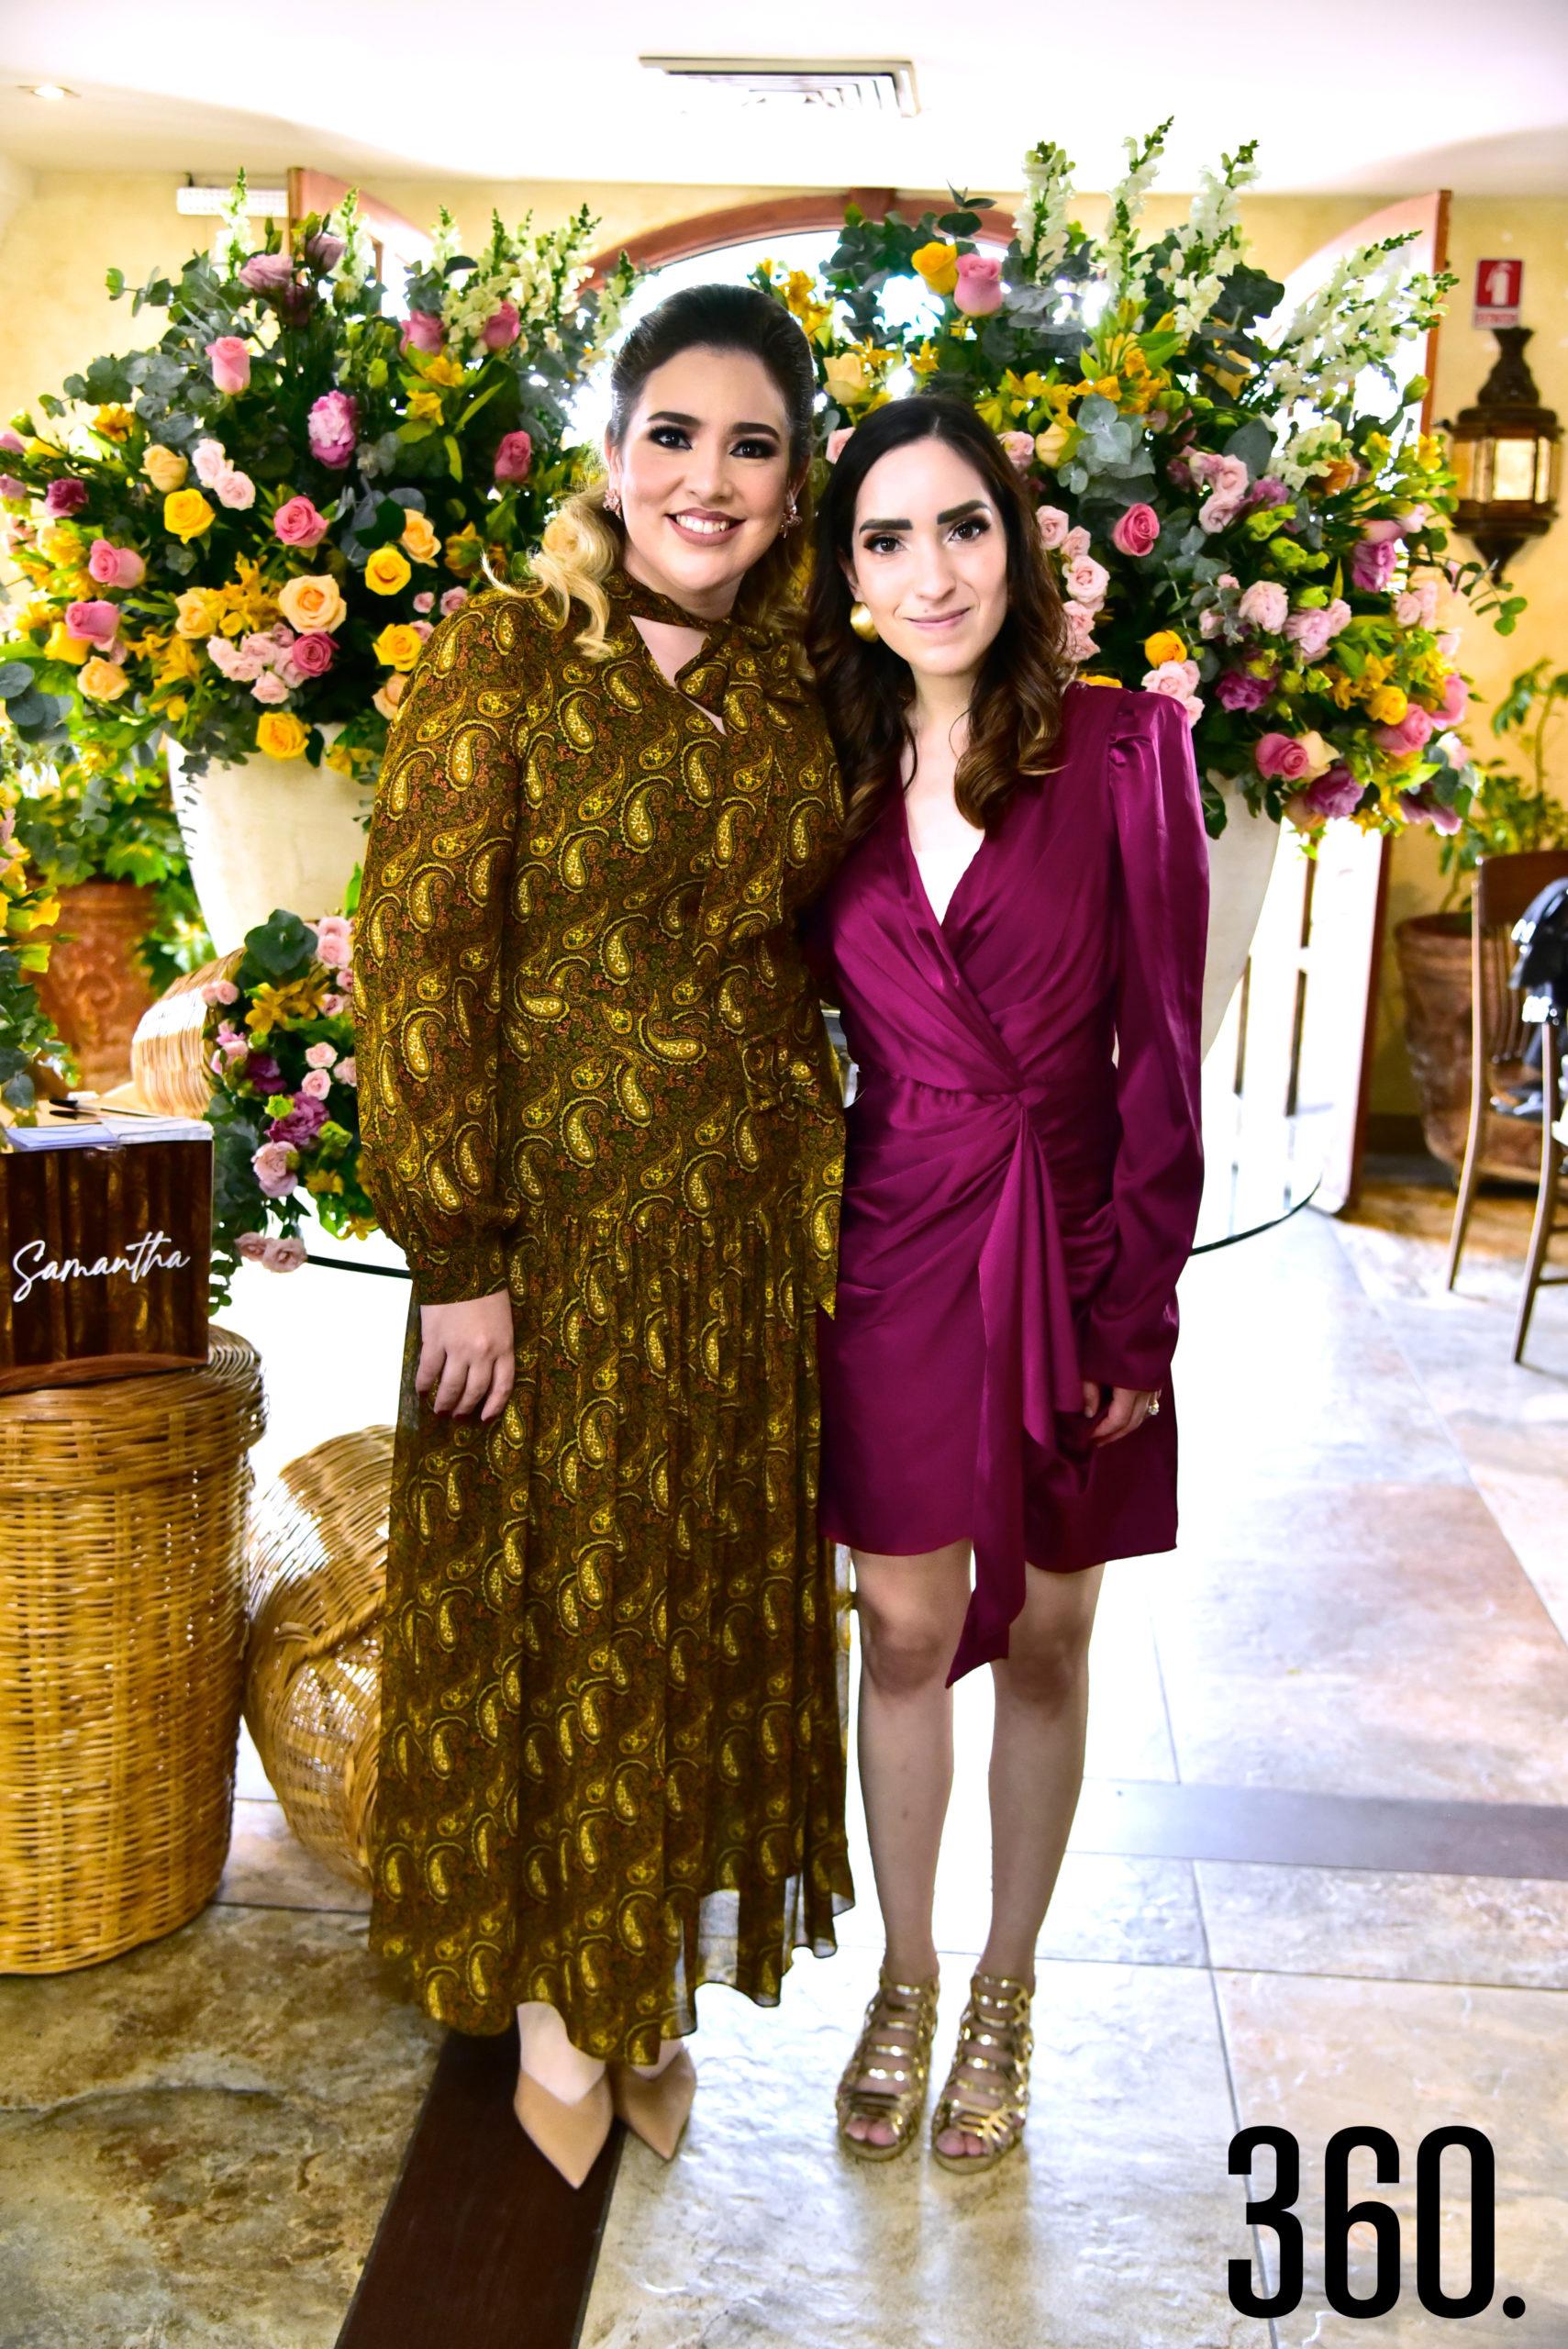 Samantha Natividad y Ceci Aguirre.